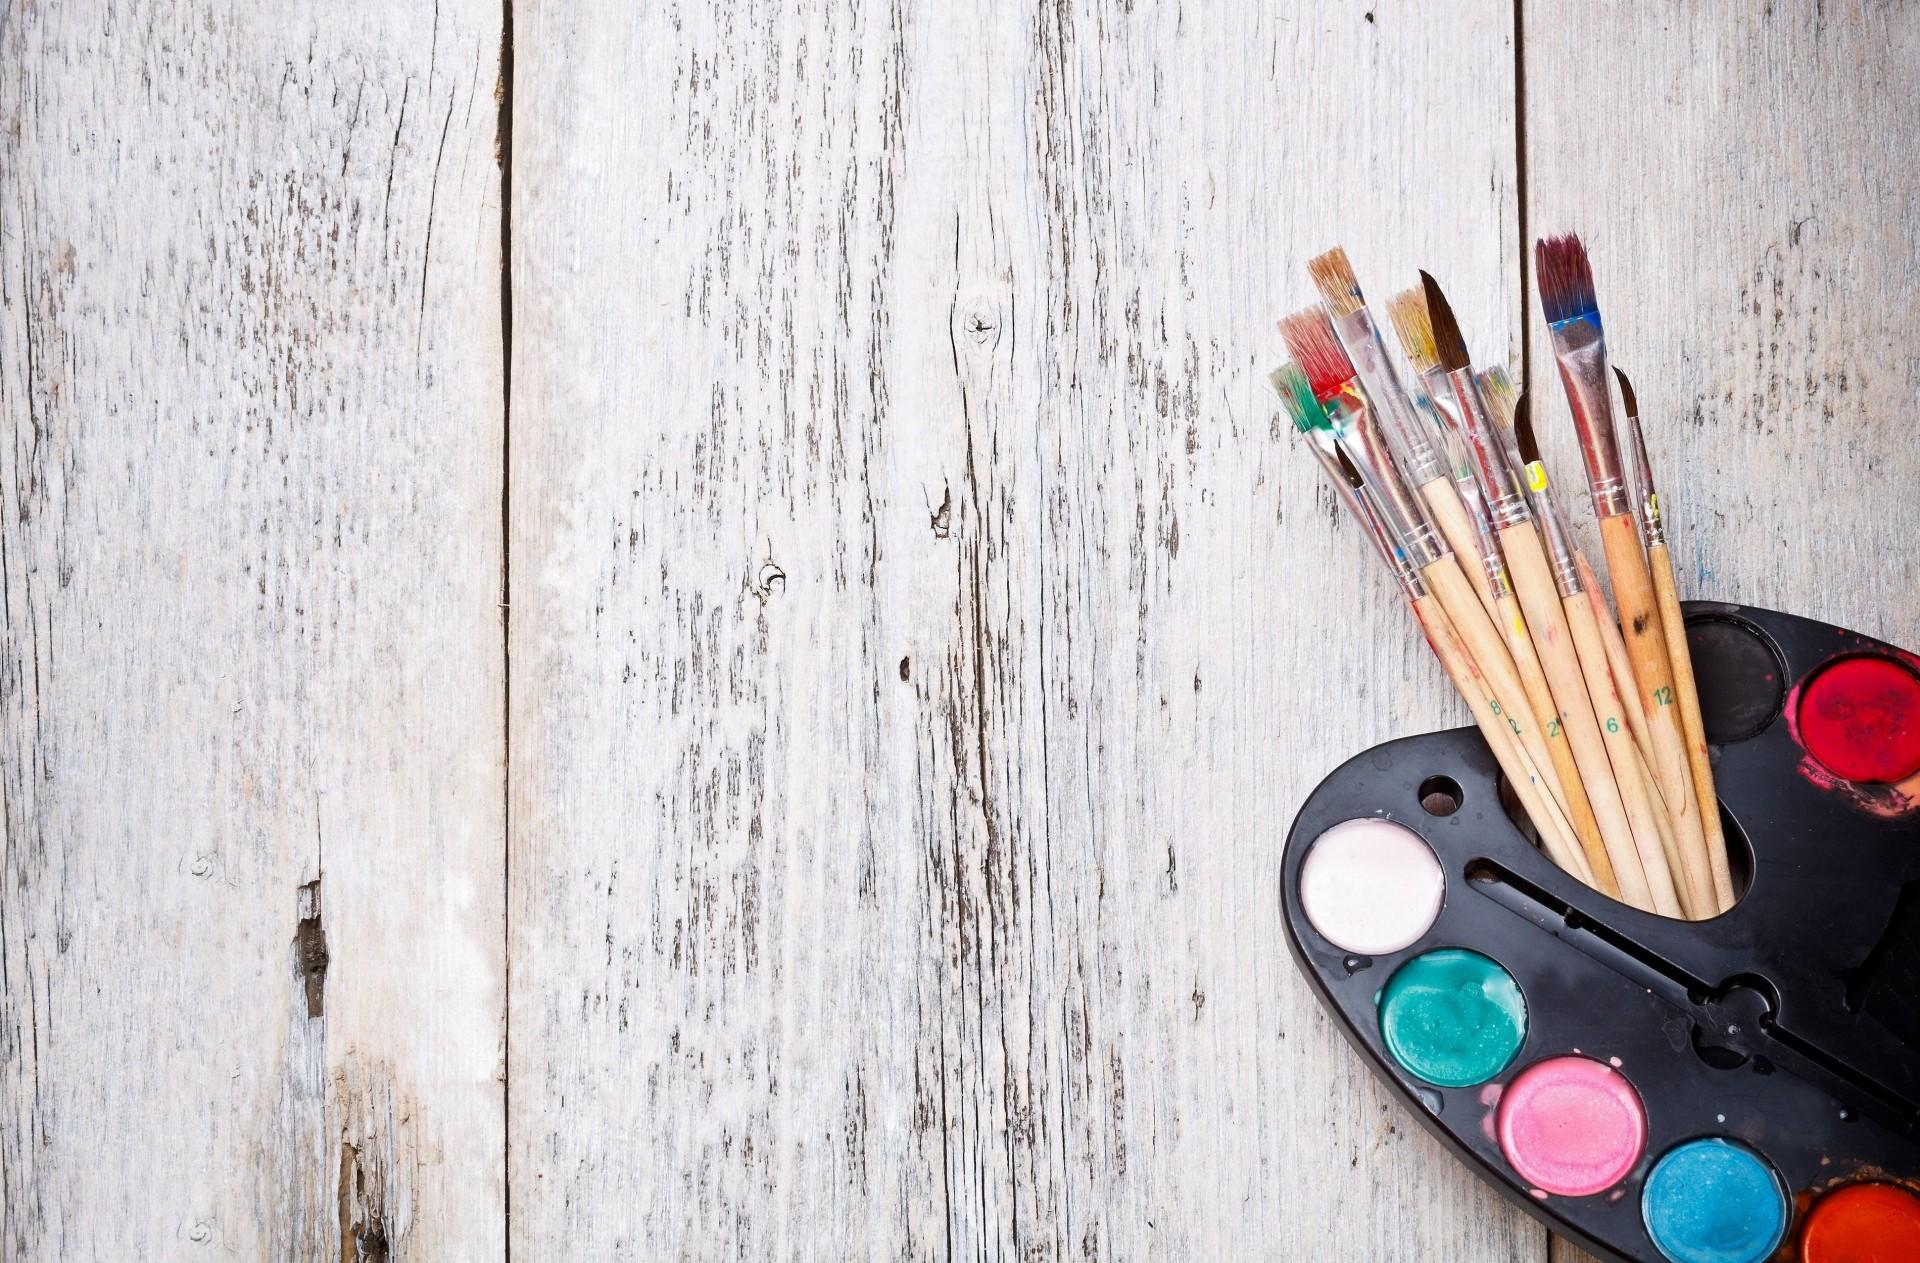 Картинки художники кисти палитры, картинки поздравления прикольную